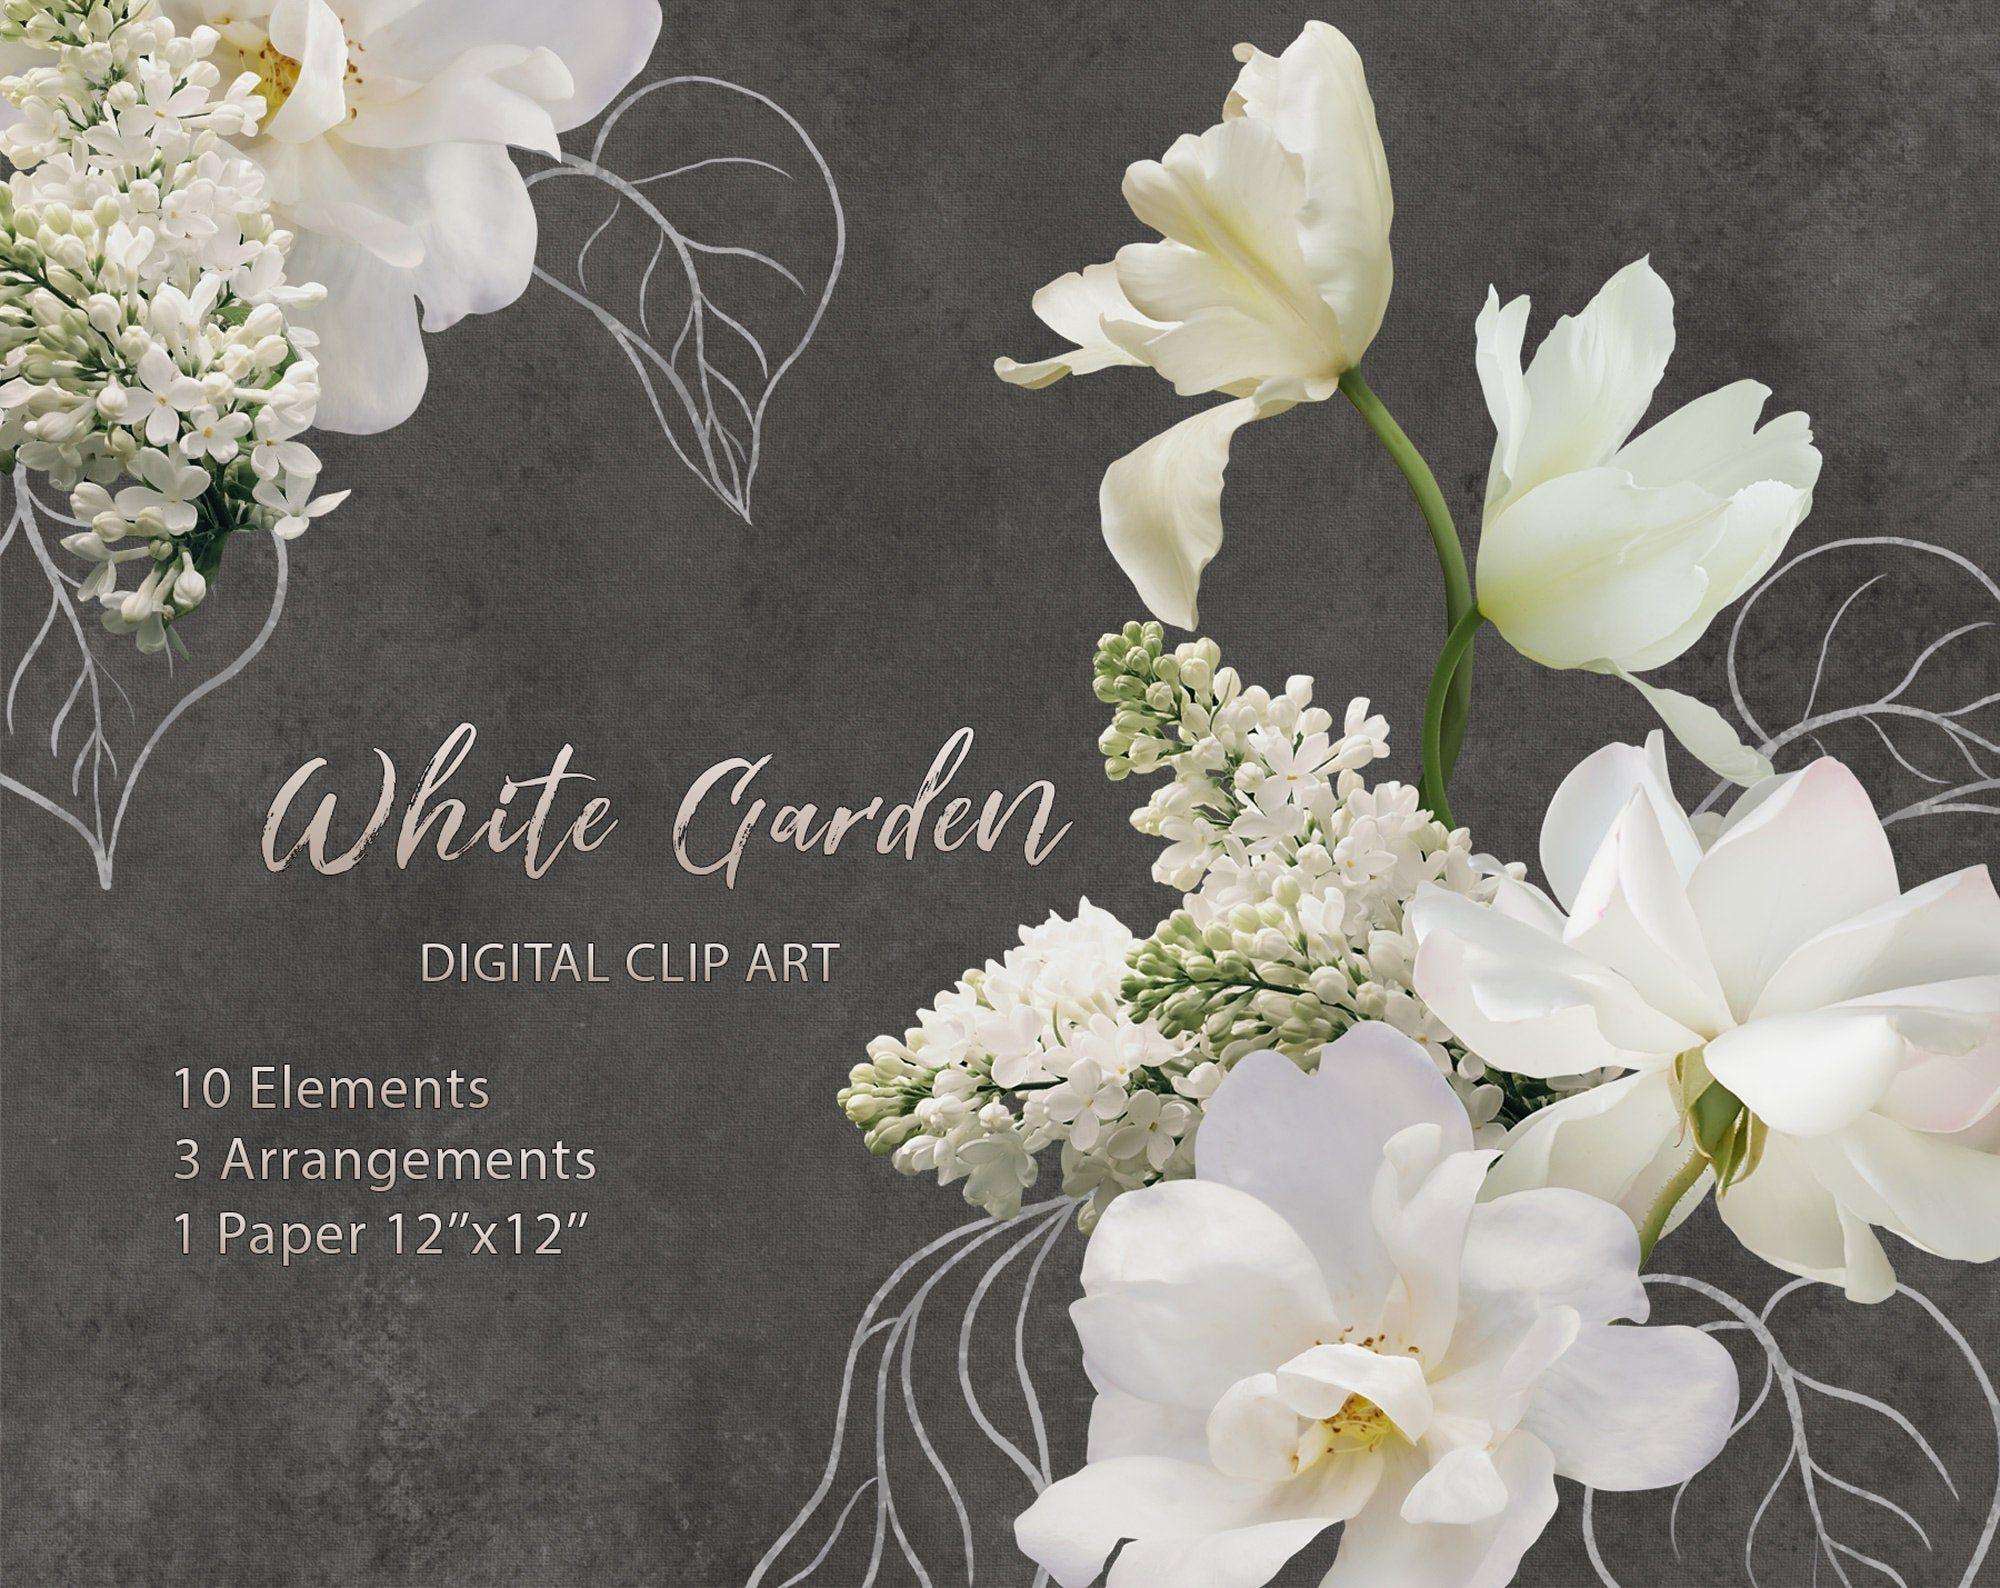 White Flowers Clipart White Lilac Rose Tulips Iris Clip Art Floral Elements Clipart Bouquet Arrangement Photo Flower Clipart PNG